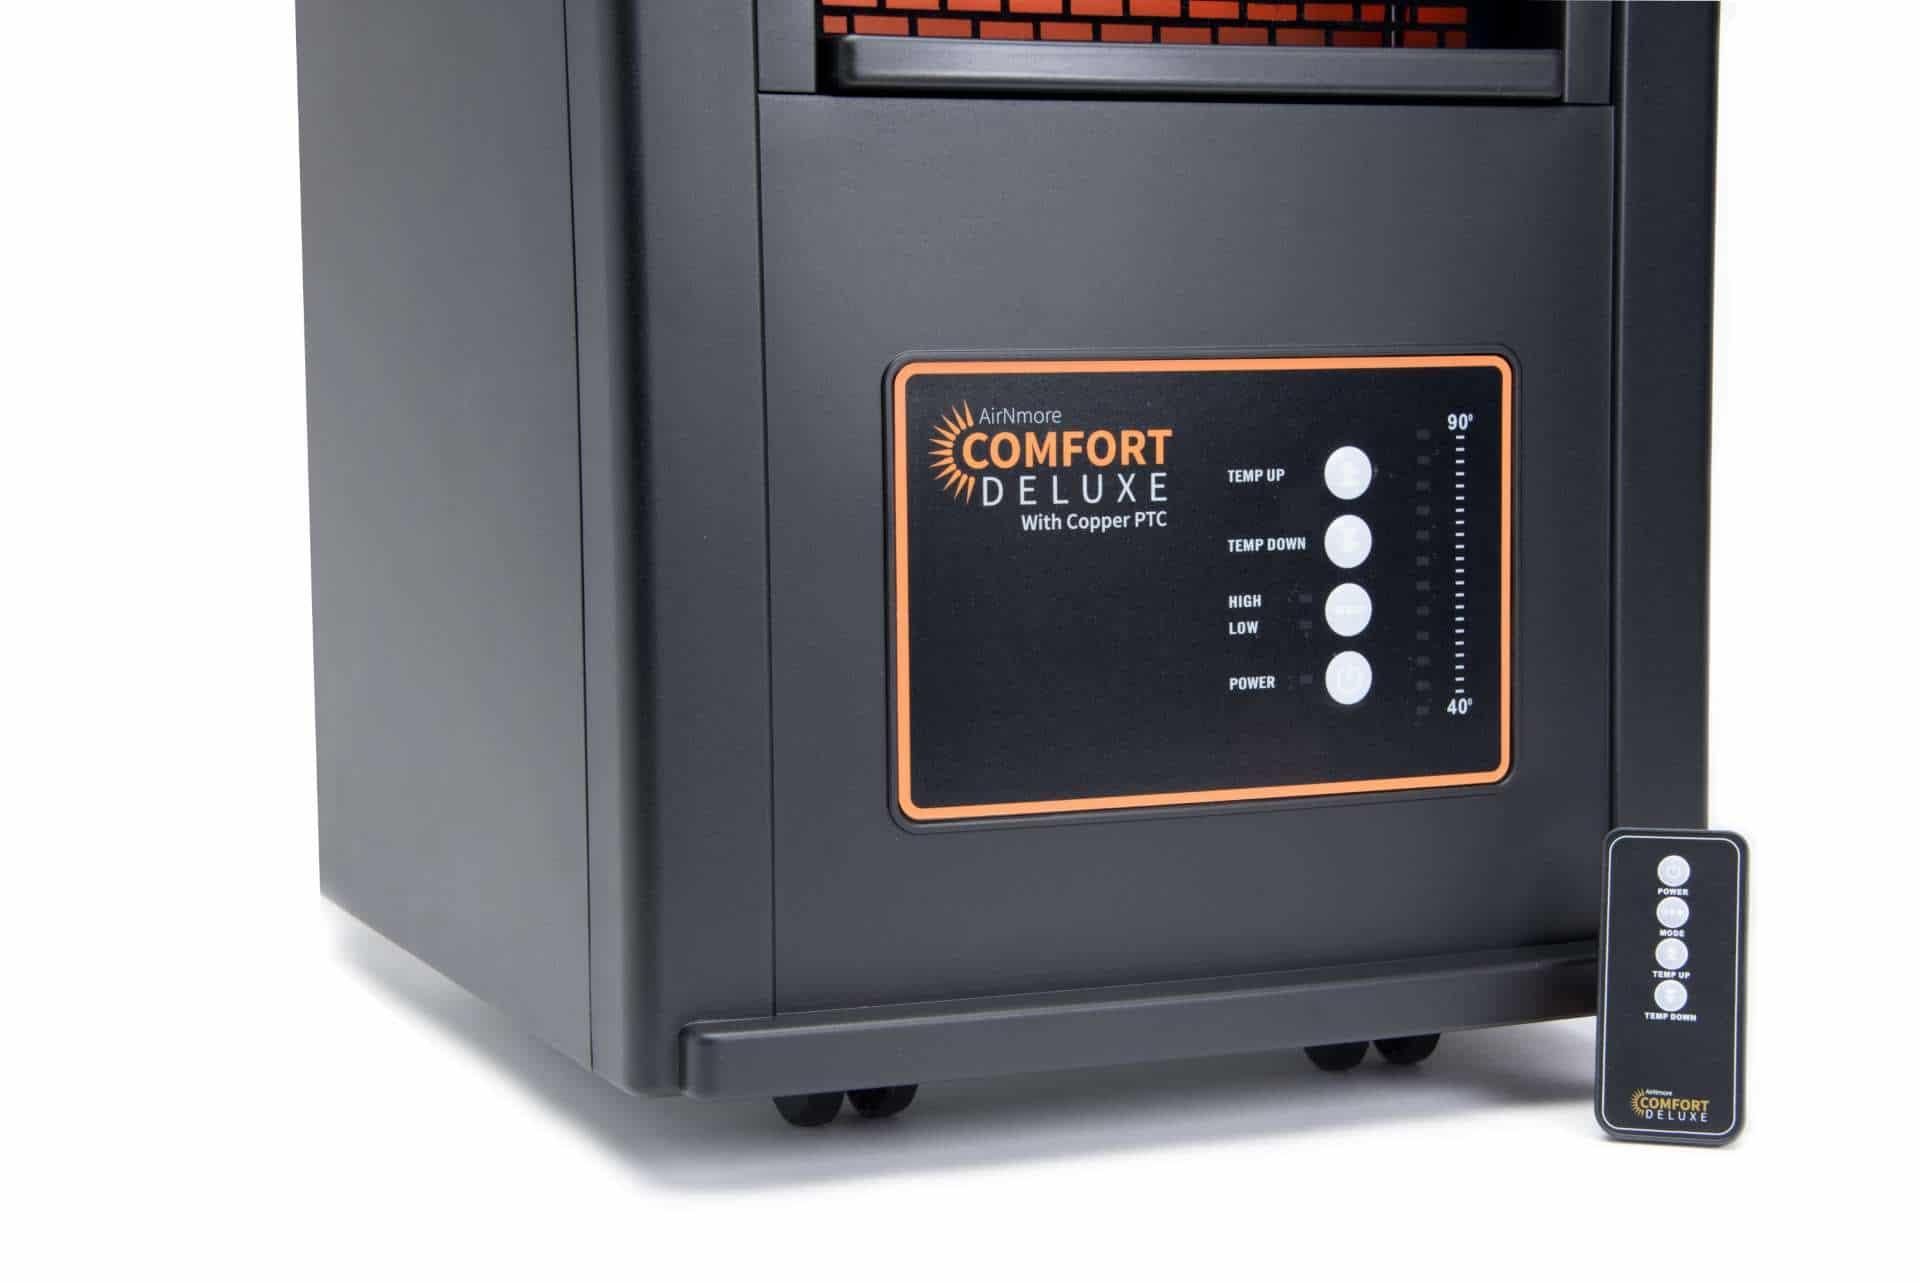 AirNmore Comfort Deluxe Heater